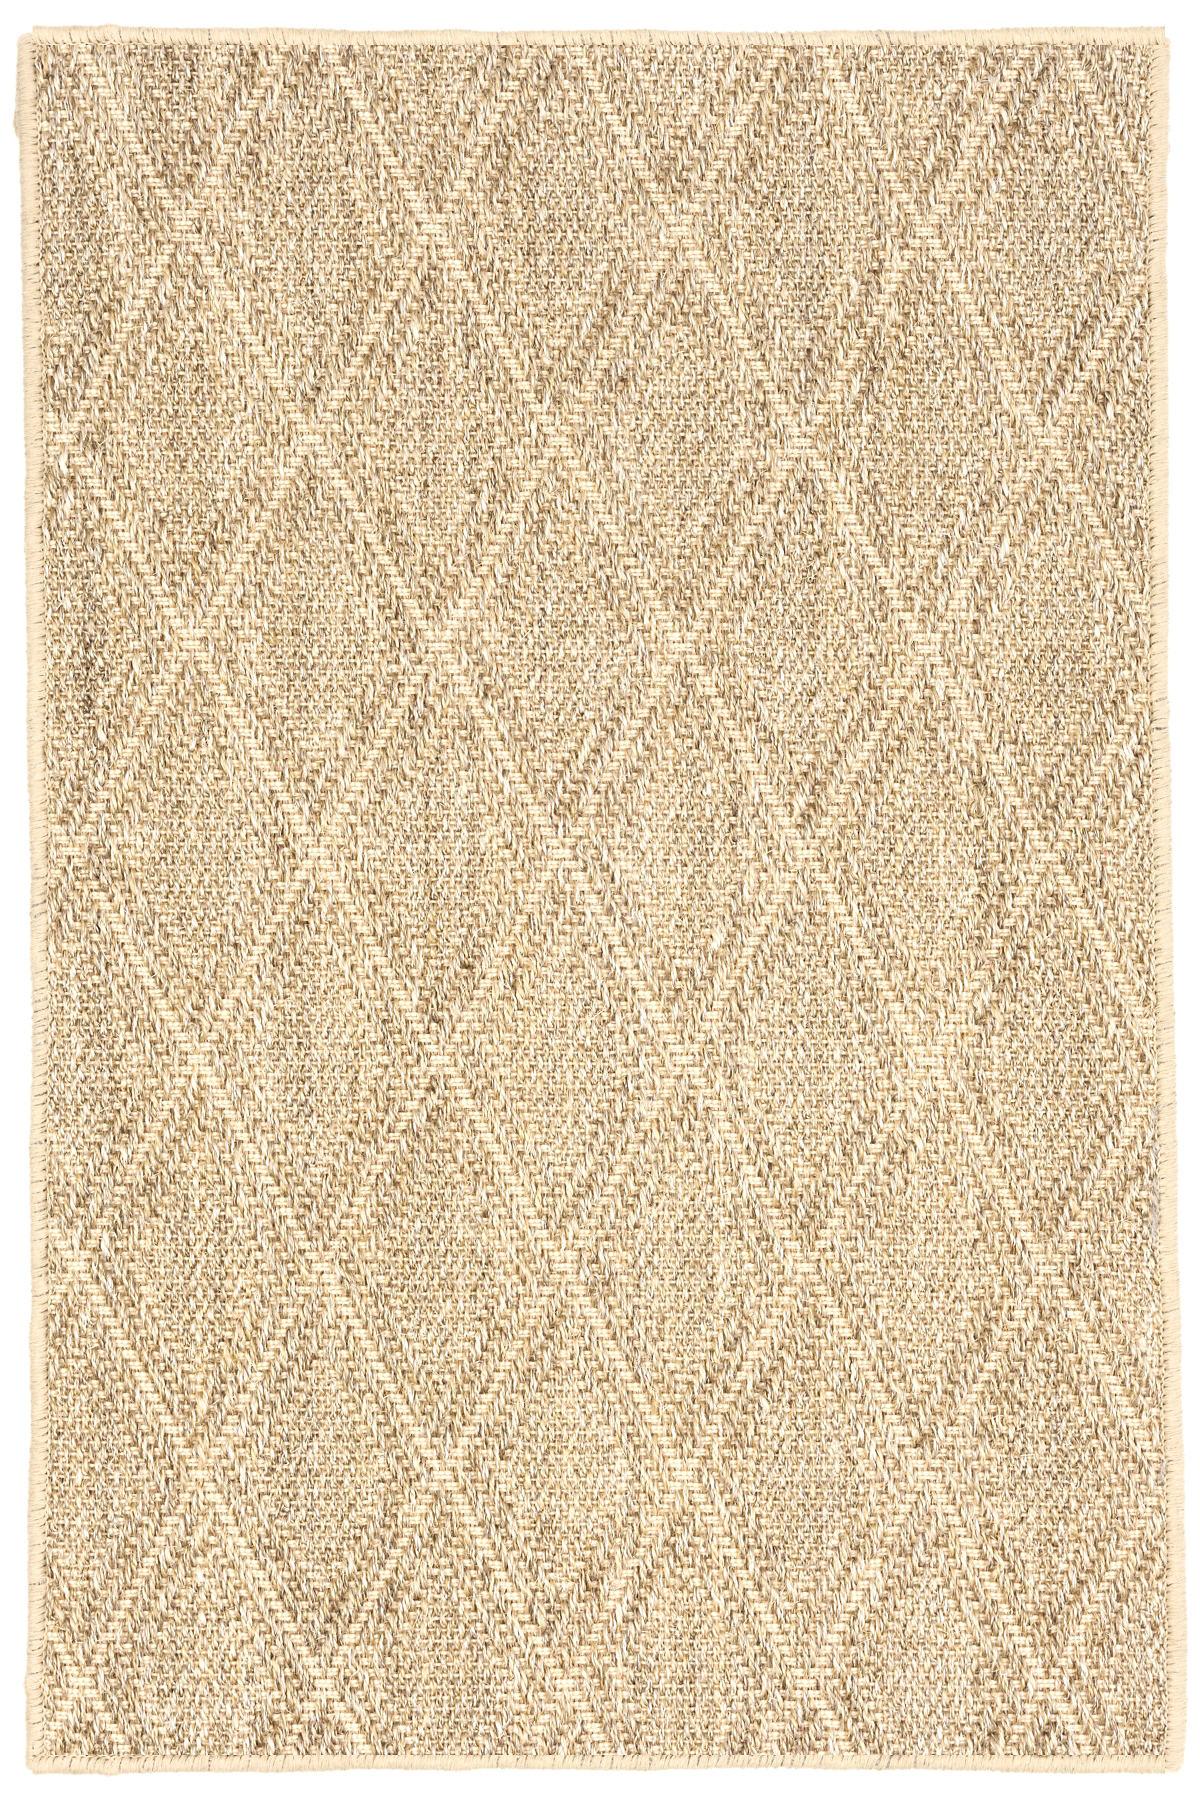 diamond sand woven sisal rug